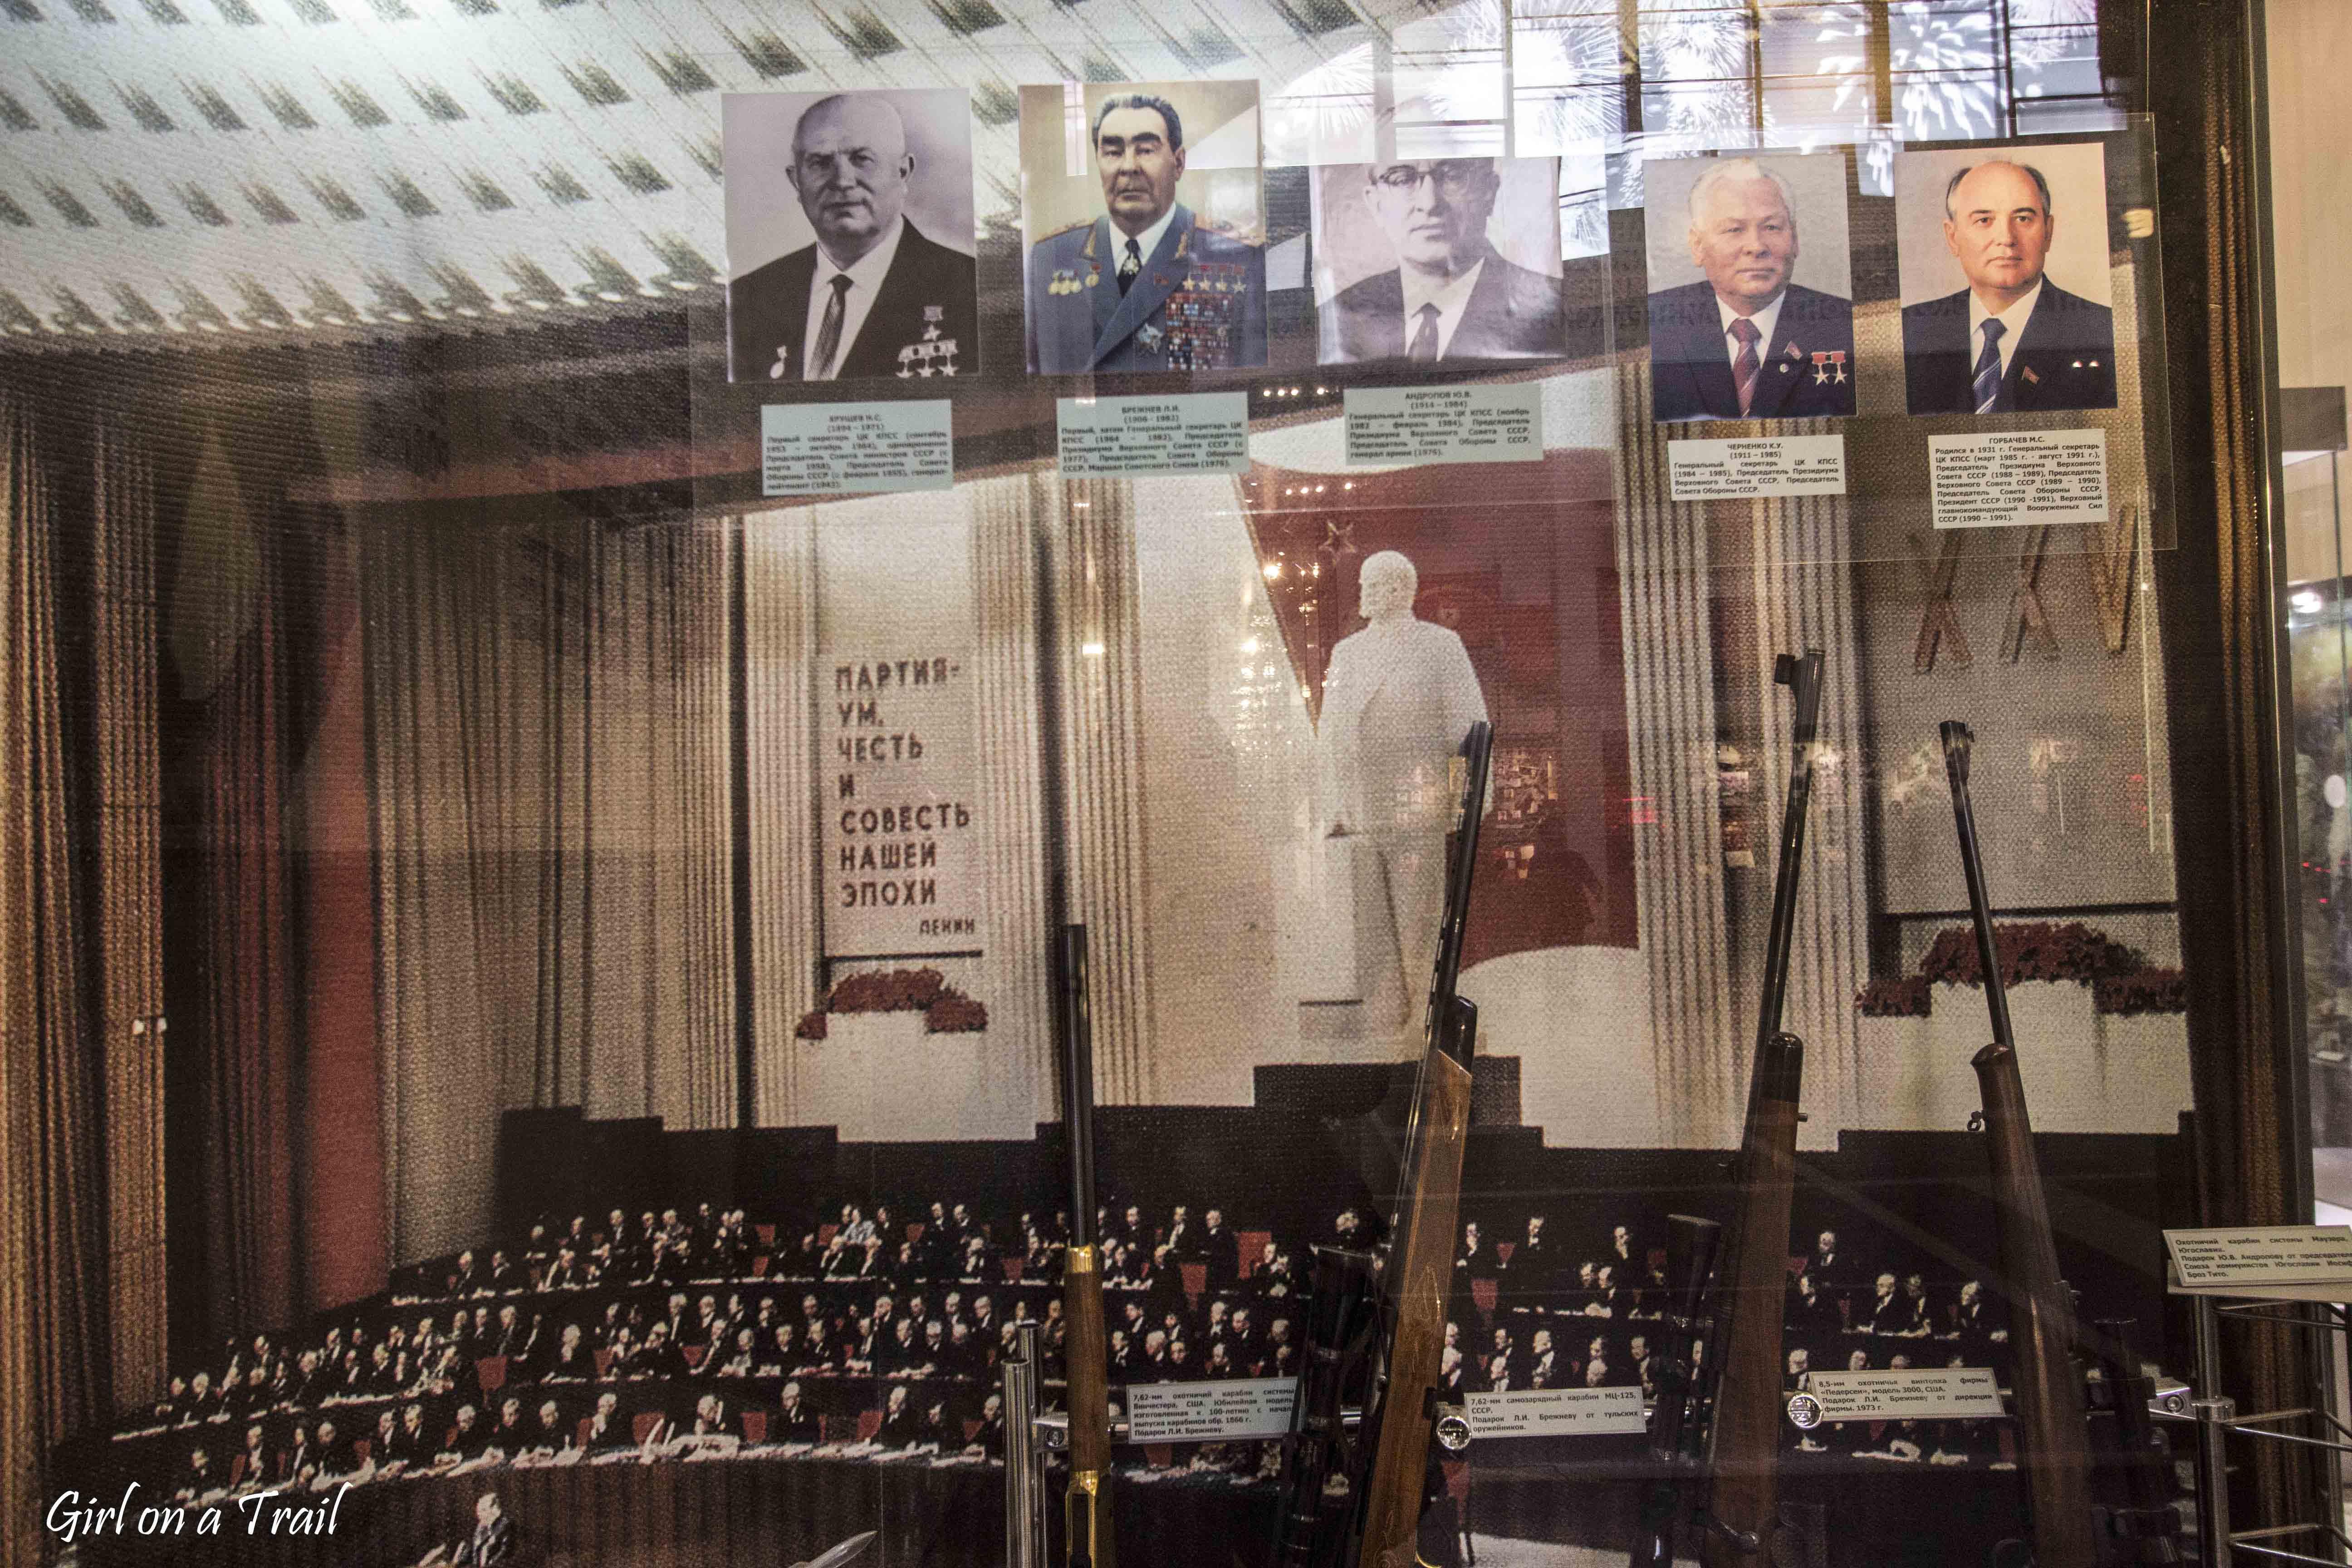 Moskwa - Centralne Muzeum Sił Zbrojnych